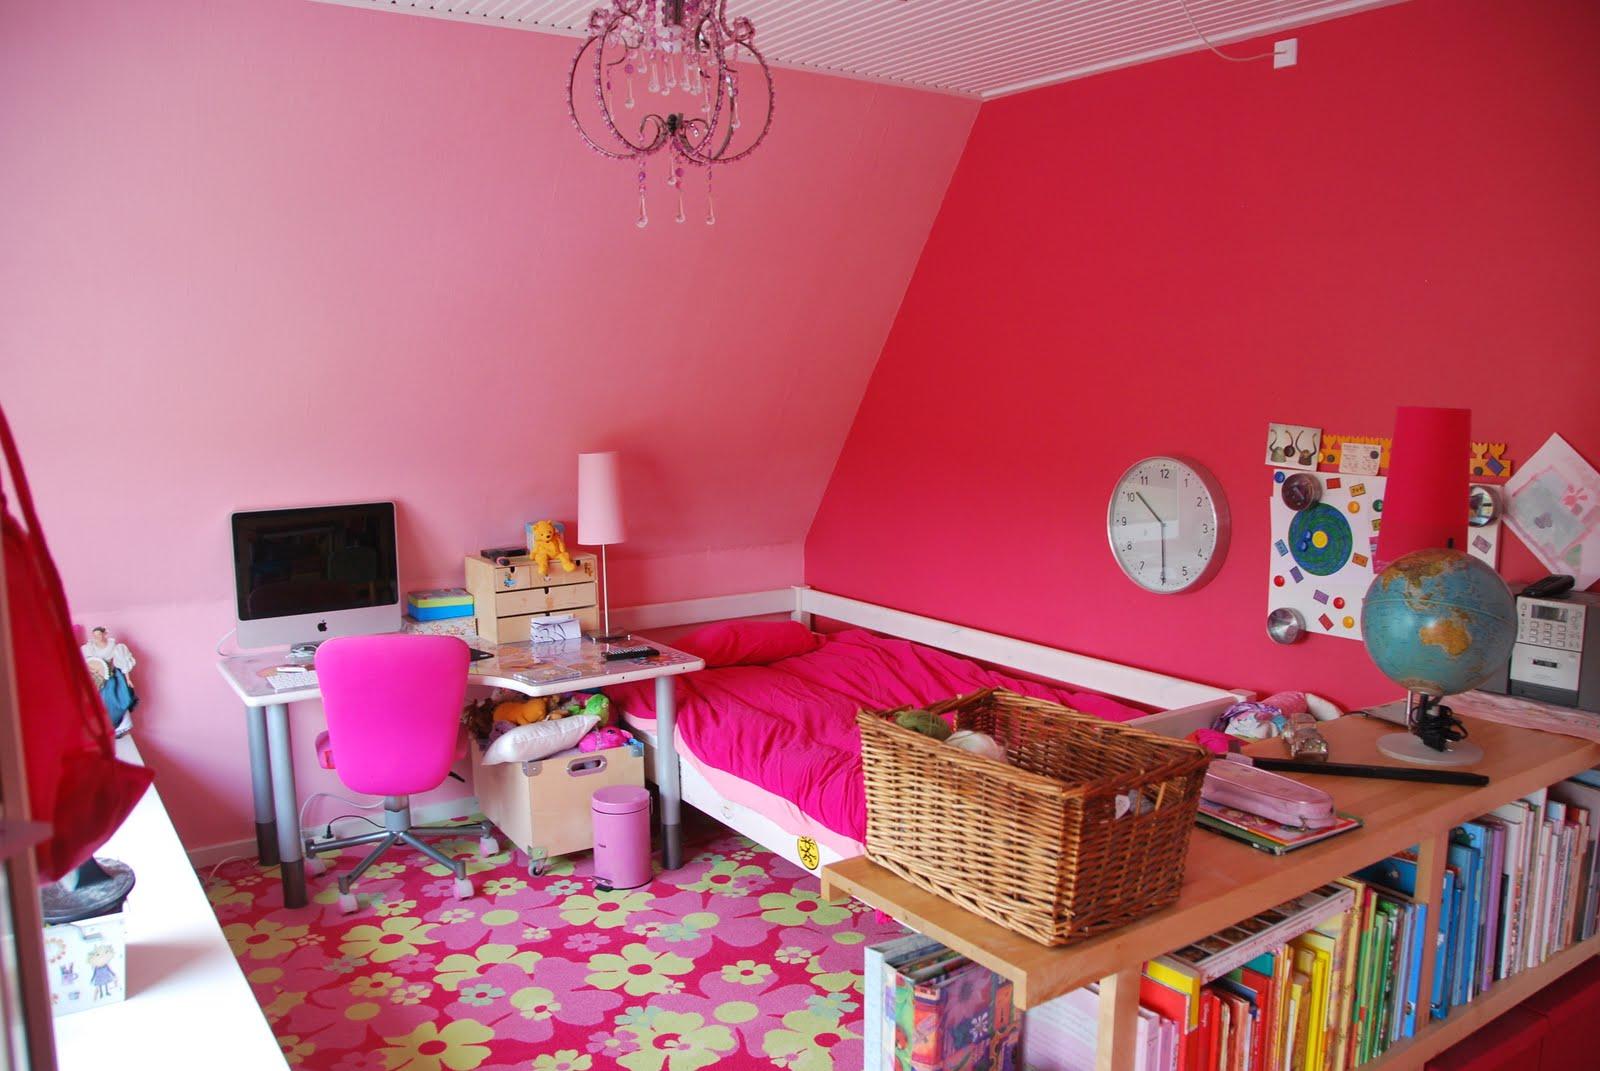 girls bedroom furniture bedroom furniture high resolution. Black Bedroom Furniture Sets. Home Design Ideas